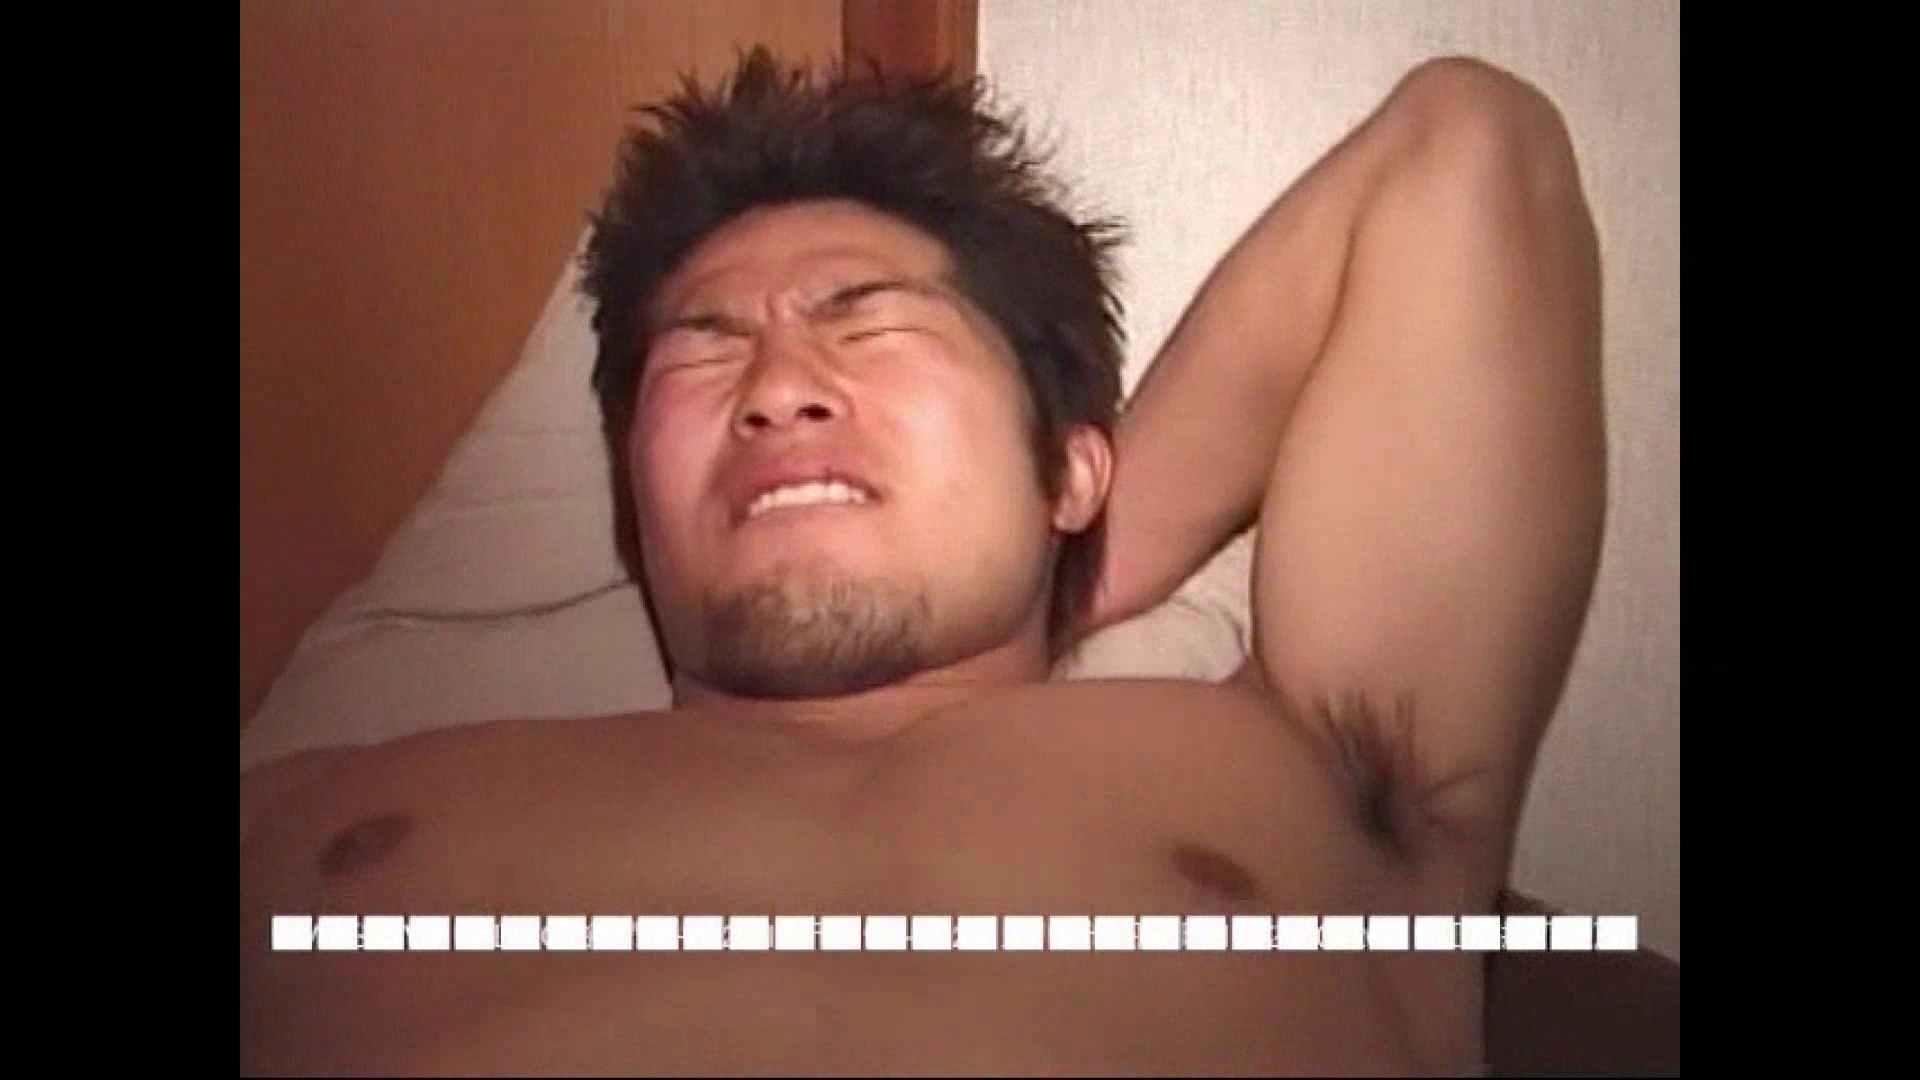 オナれ!集まれ!イケてるメンズ達!!File.20 男天国 | ノンケボーイズ  97pic 94